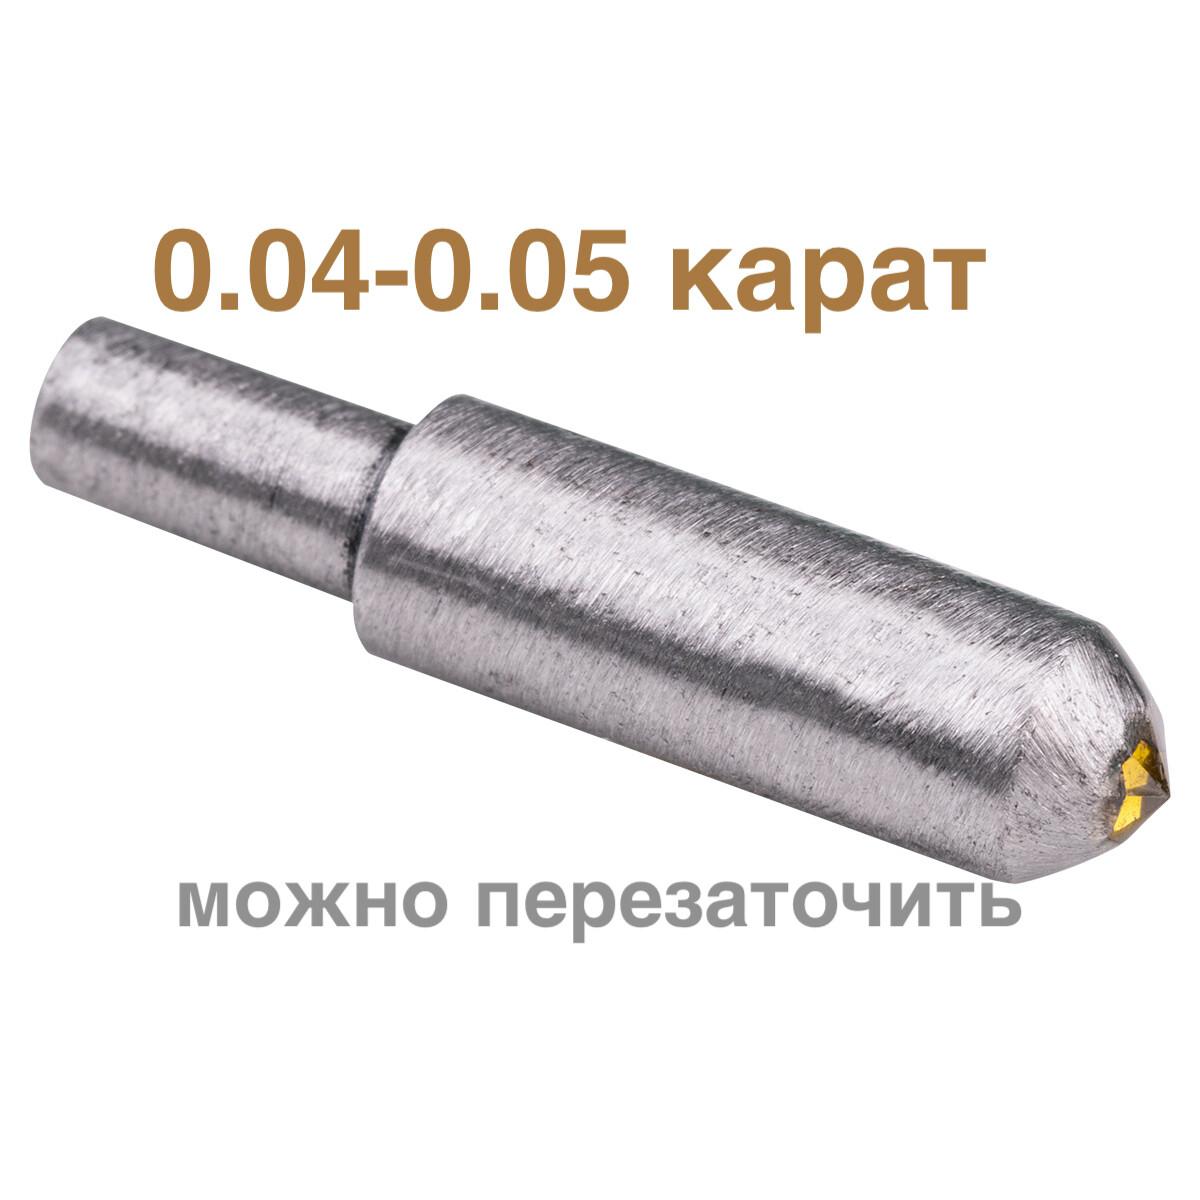 0,04-0,05кт. (САУНО) <115°8гр. алмазная игла для станка (№1)